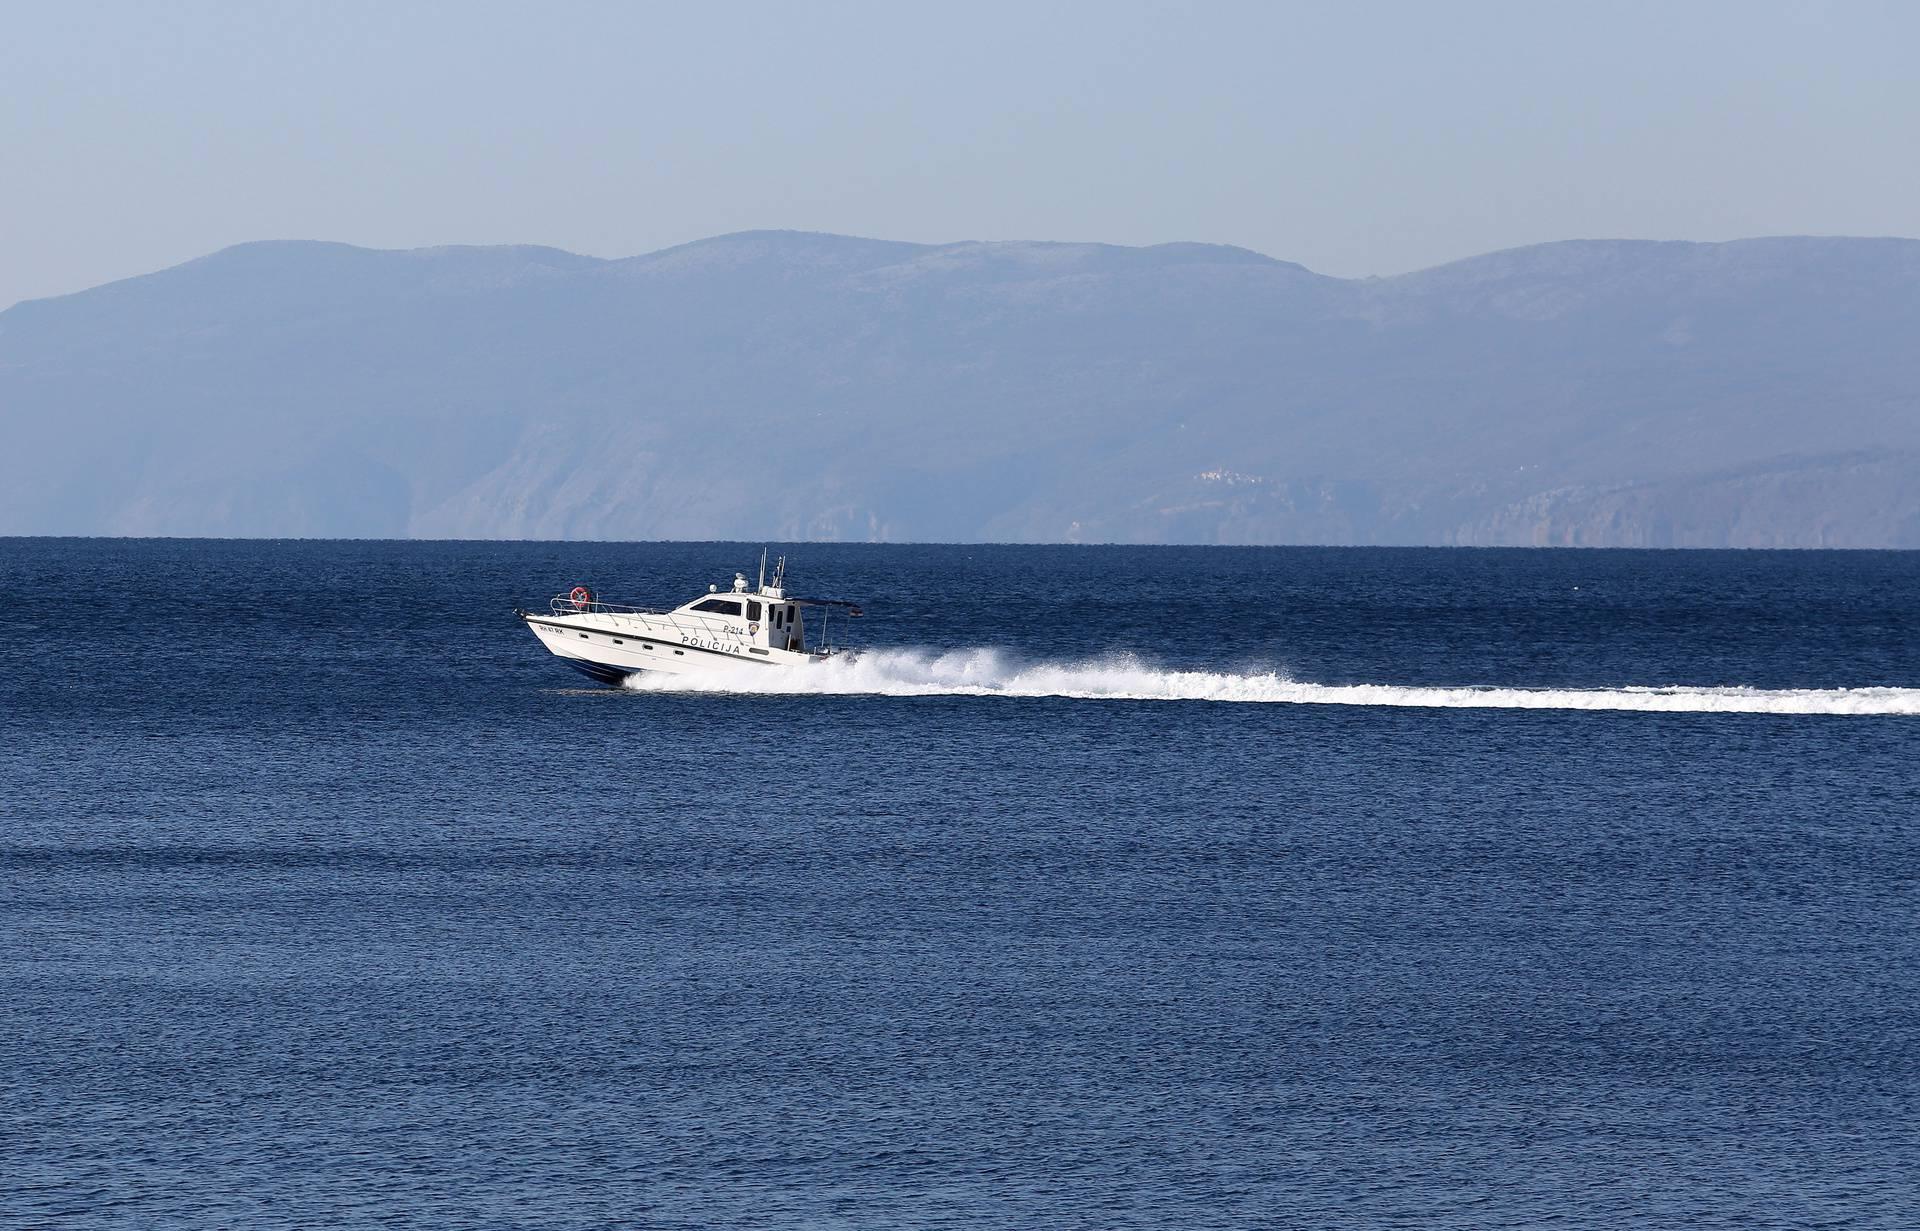 Gliser Pomorske policije na Kvarnerskom zaljevu